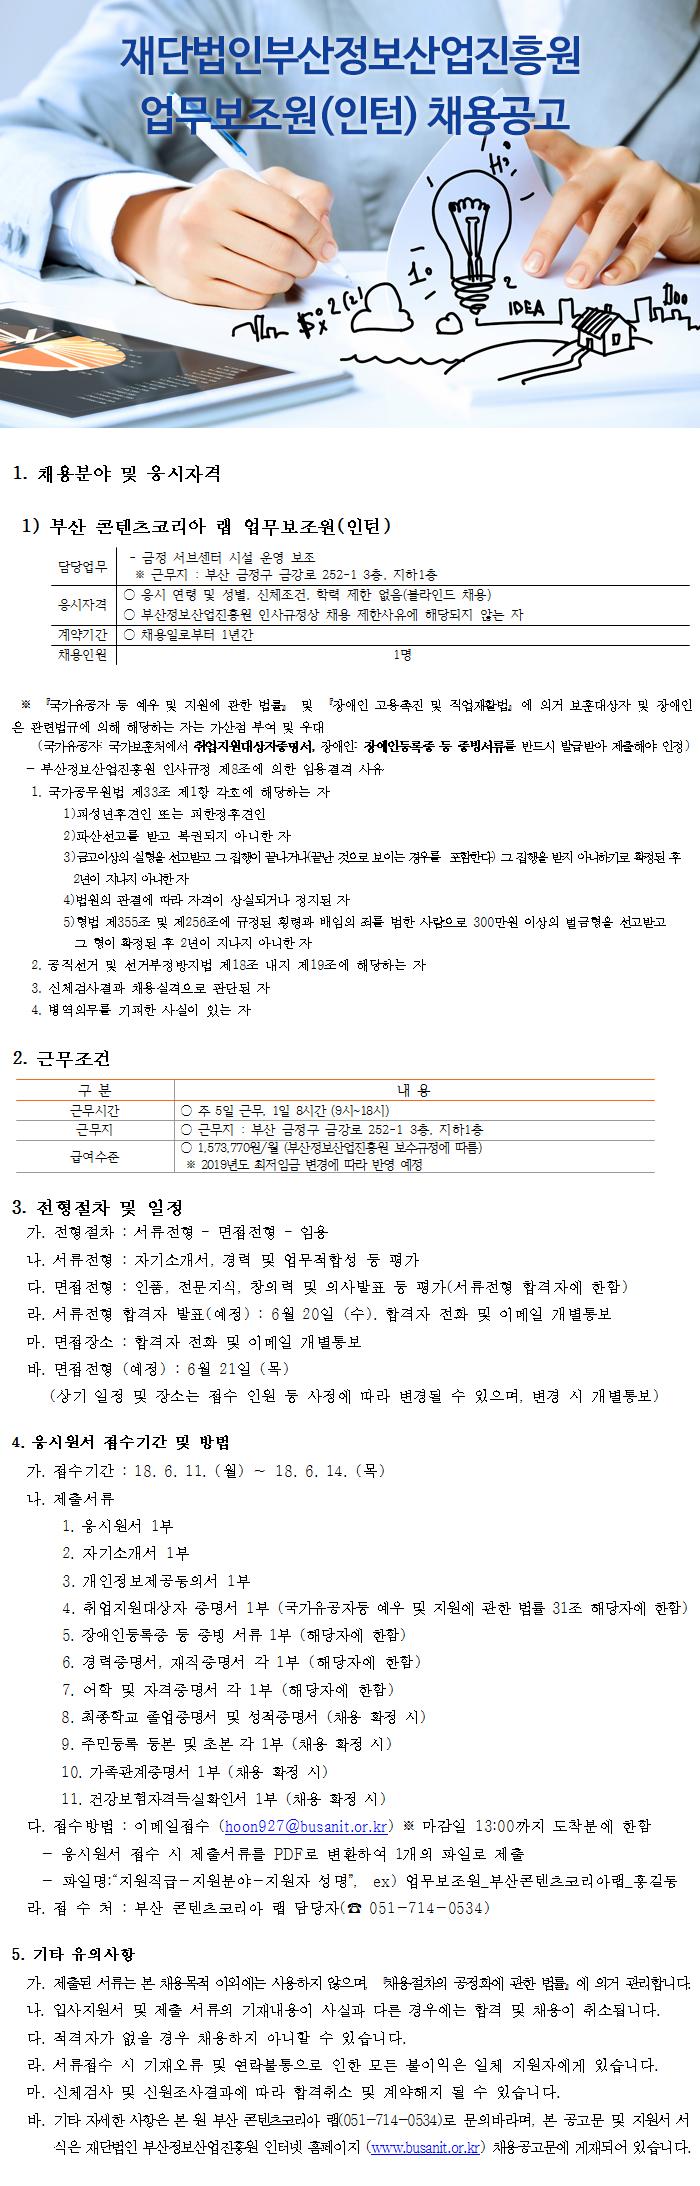 (재)부산정보산업진흥원 [부산콘텐츠코리아랩 금정센터] 인턴 채용 공고